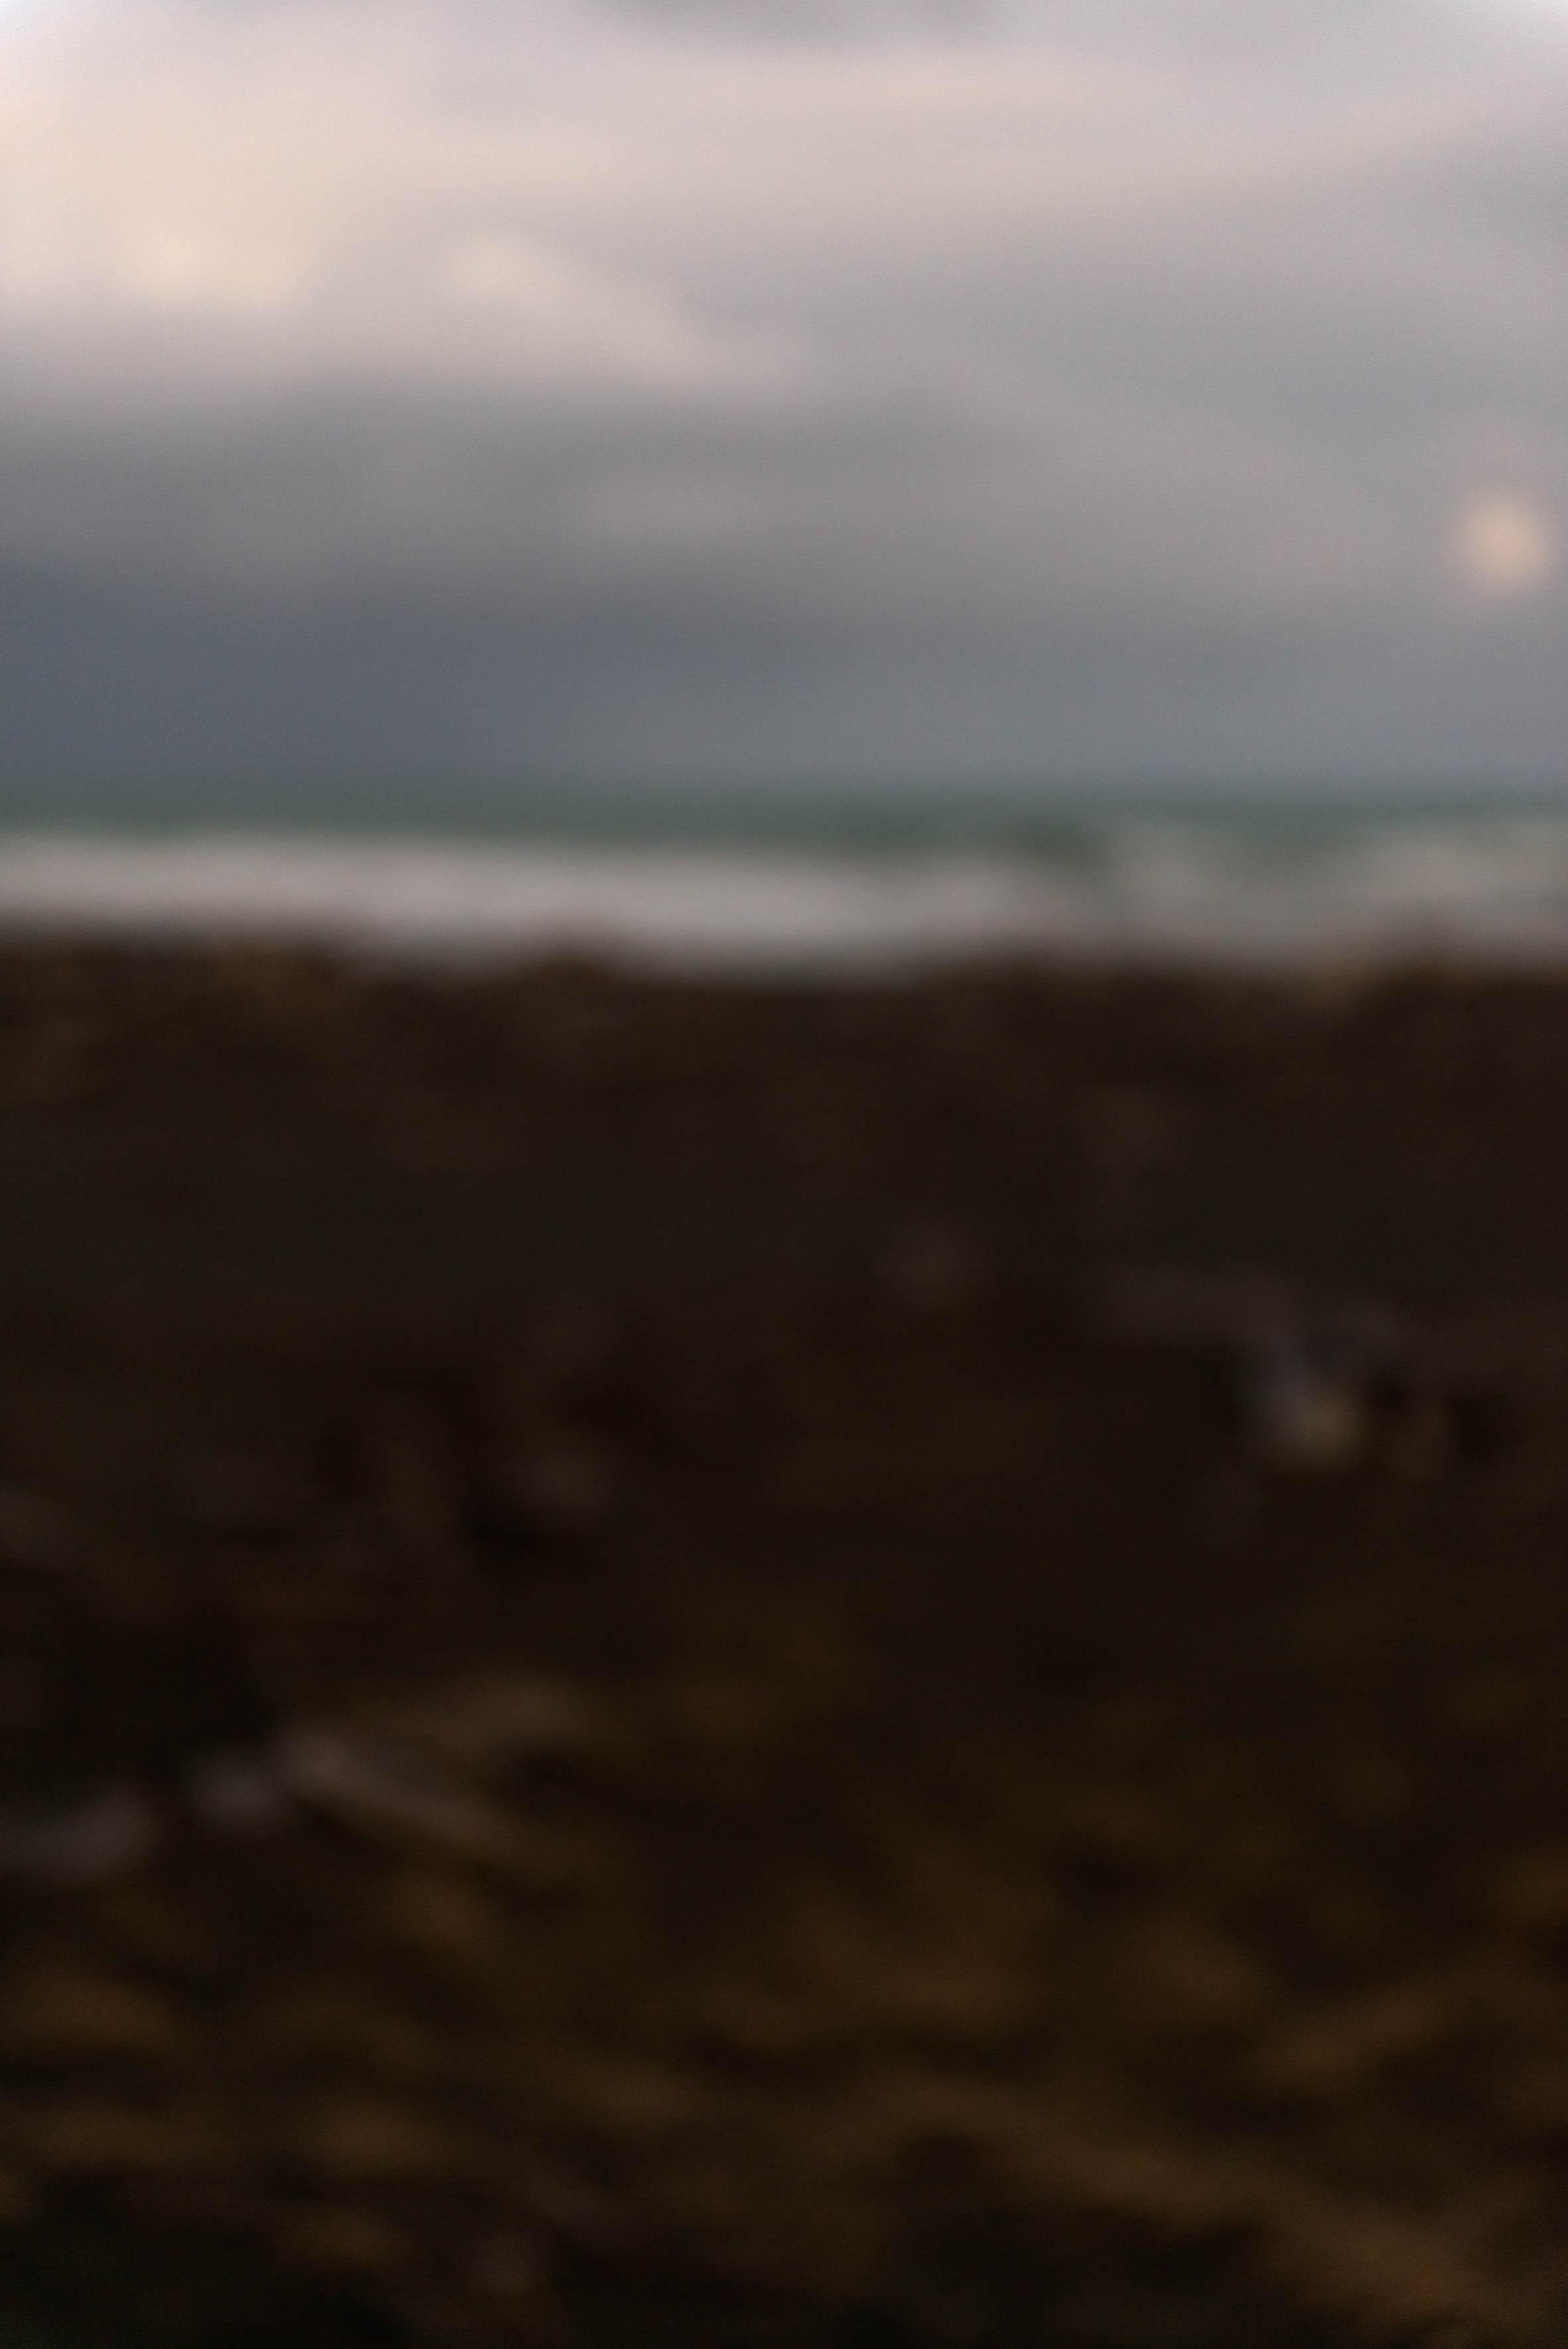 Natalie Robertson, He Wai Mou! He Wai Mau!, Takutai Moana — Rangitukia Hikoi 0–20 (2016–17)   Nikon D800E, Nikon 24–70mm f/2.8 lens, 70mm, 1/60s, f/2.8, ISO 800